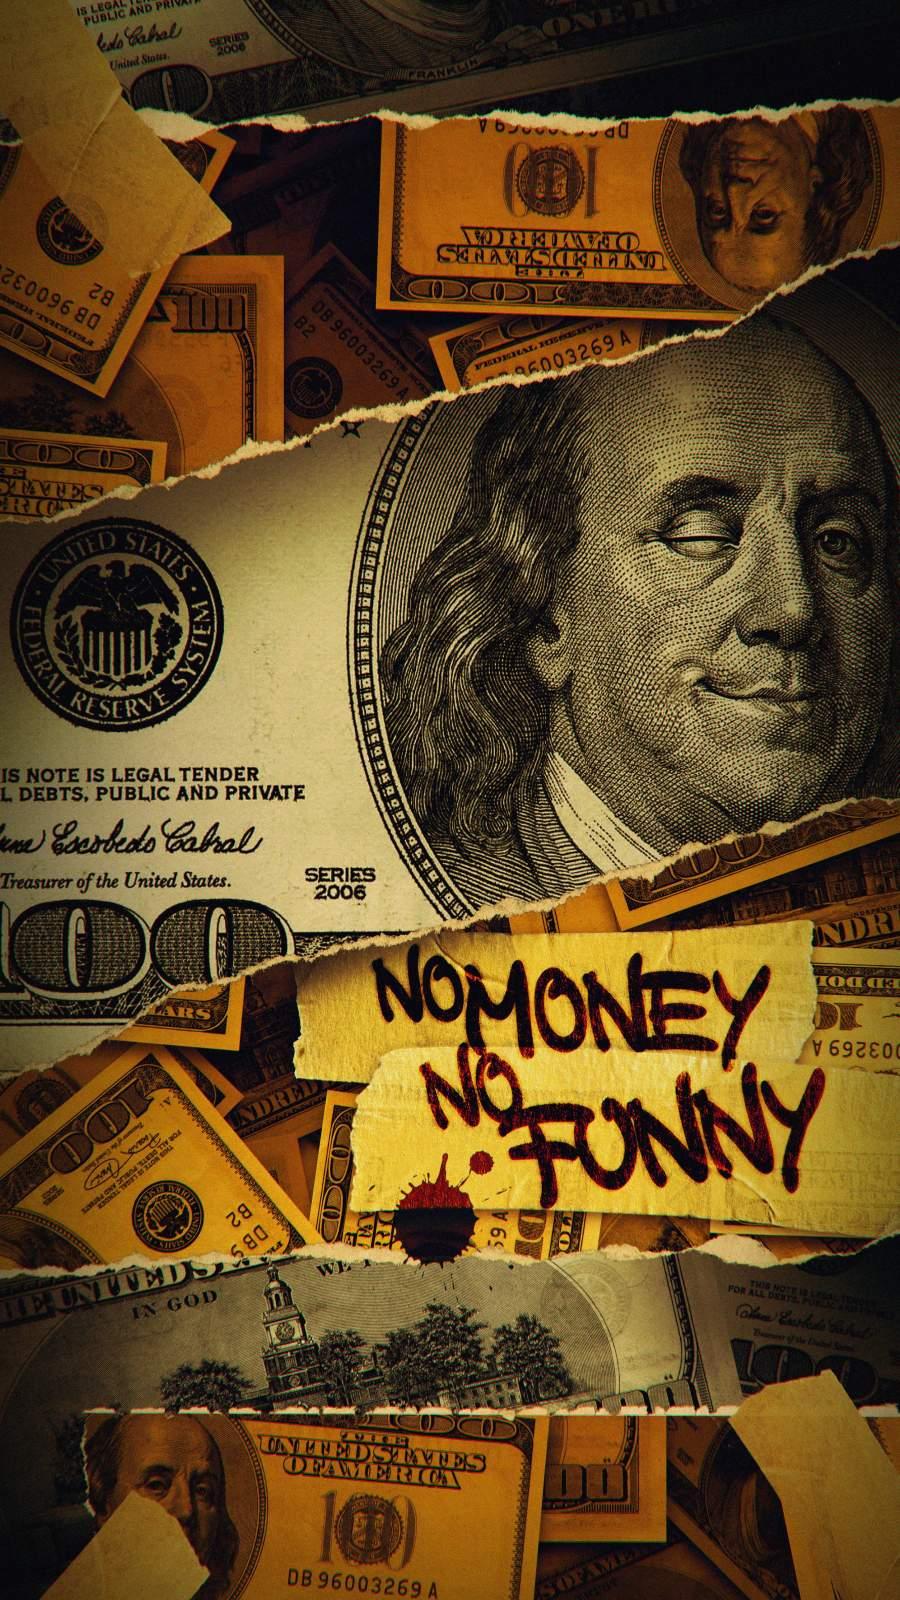 No Money No Funny